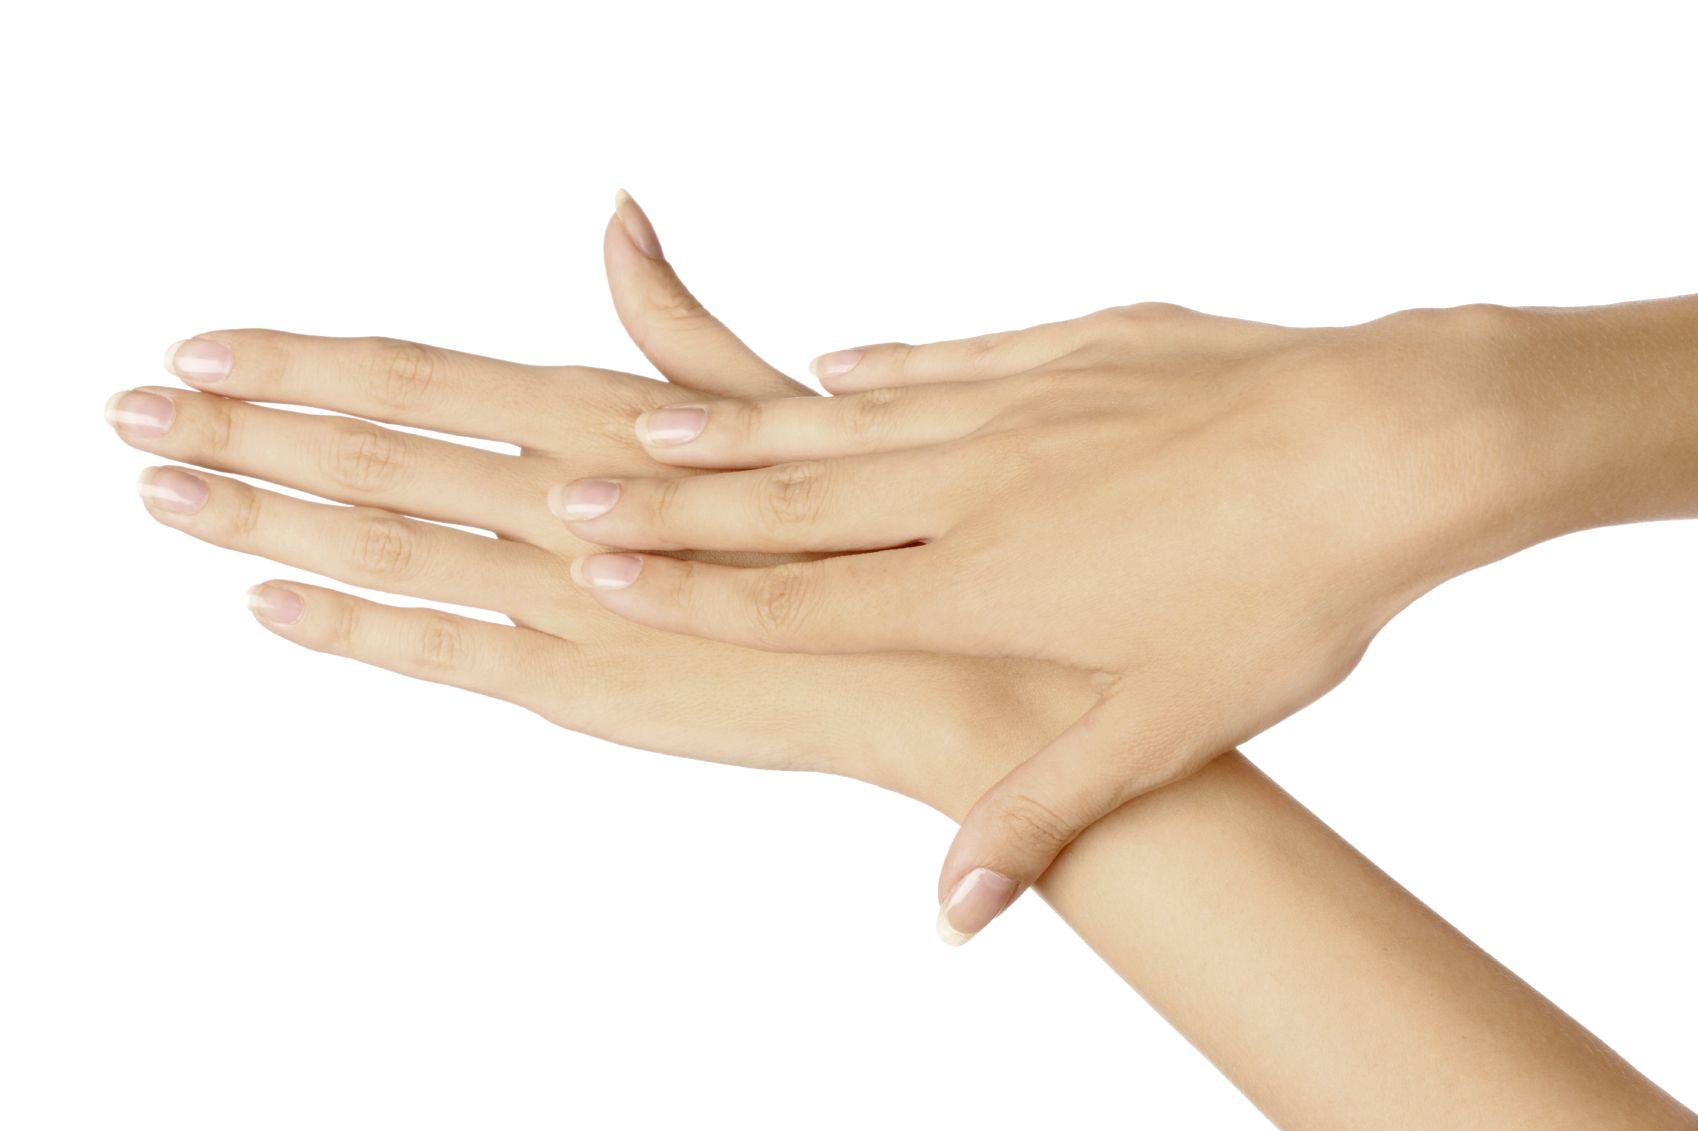 چهار نسخه طب سنتی برای رفع خشکی پوست